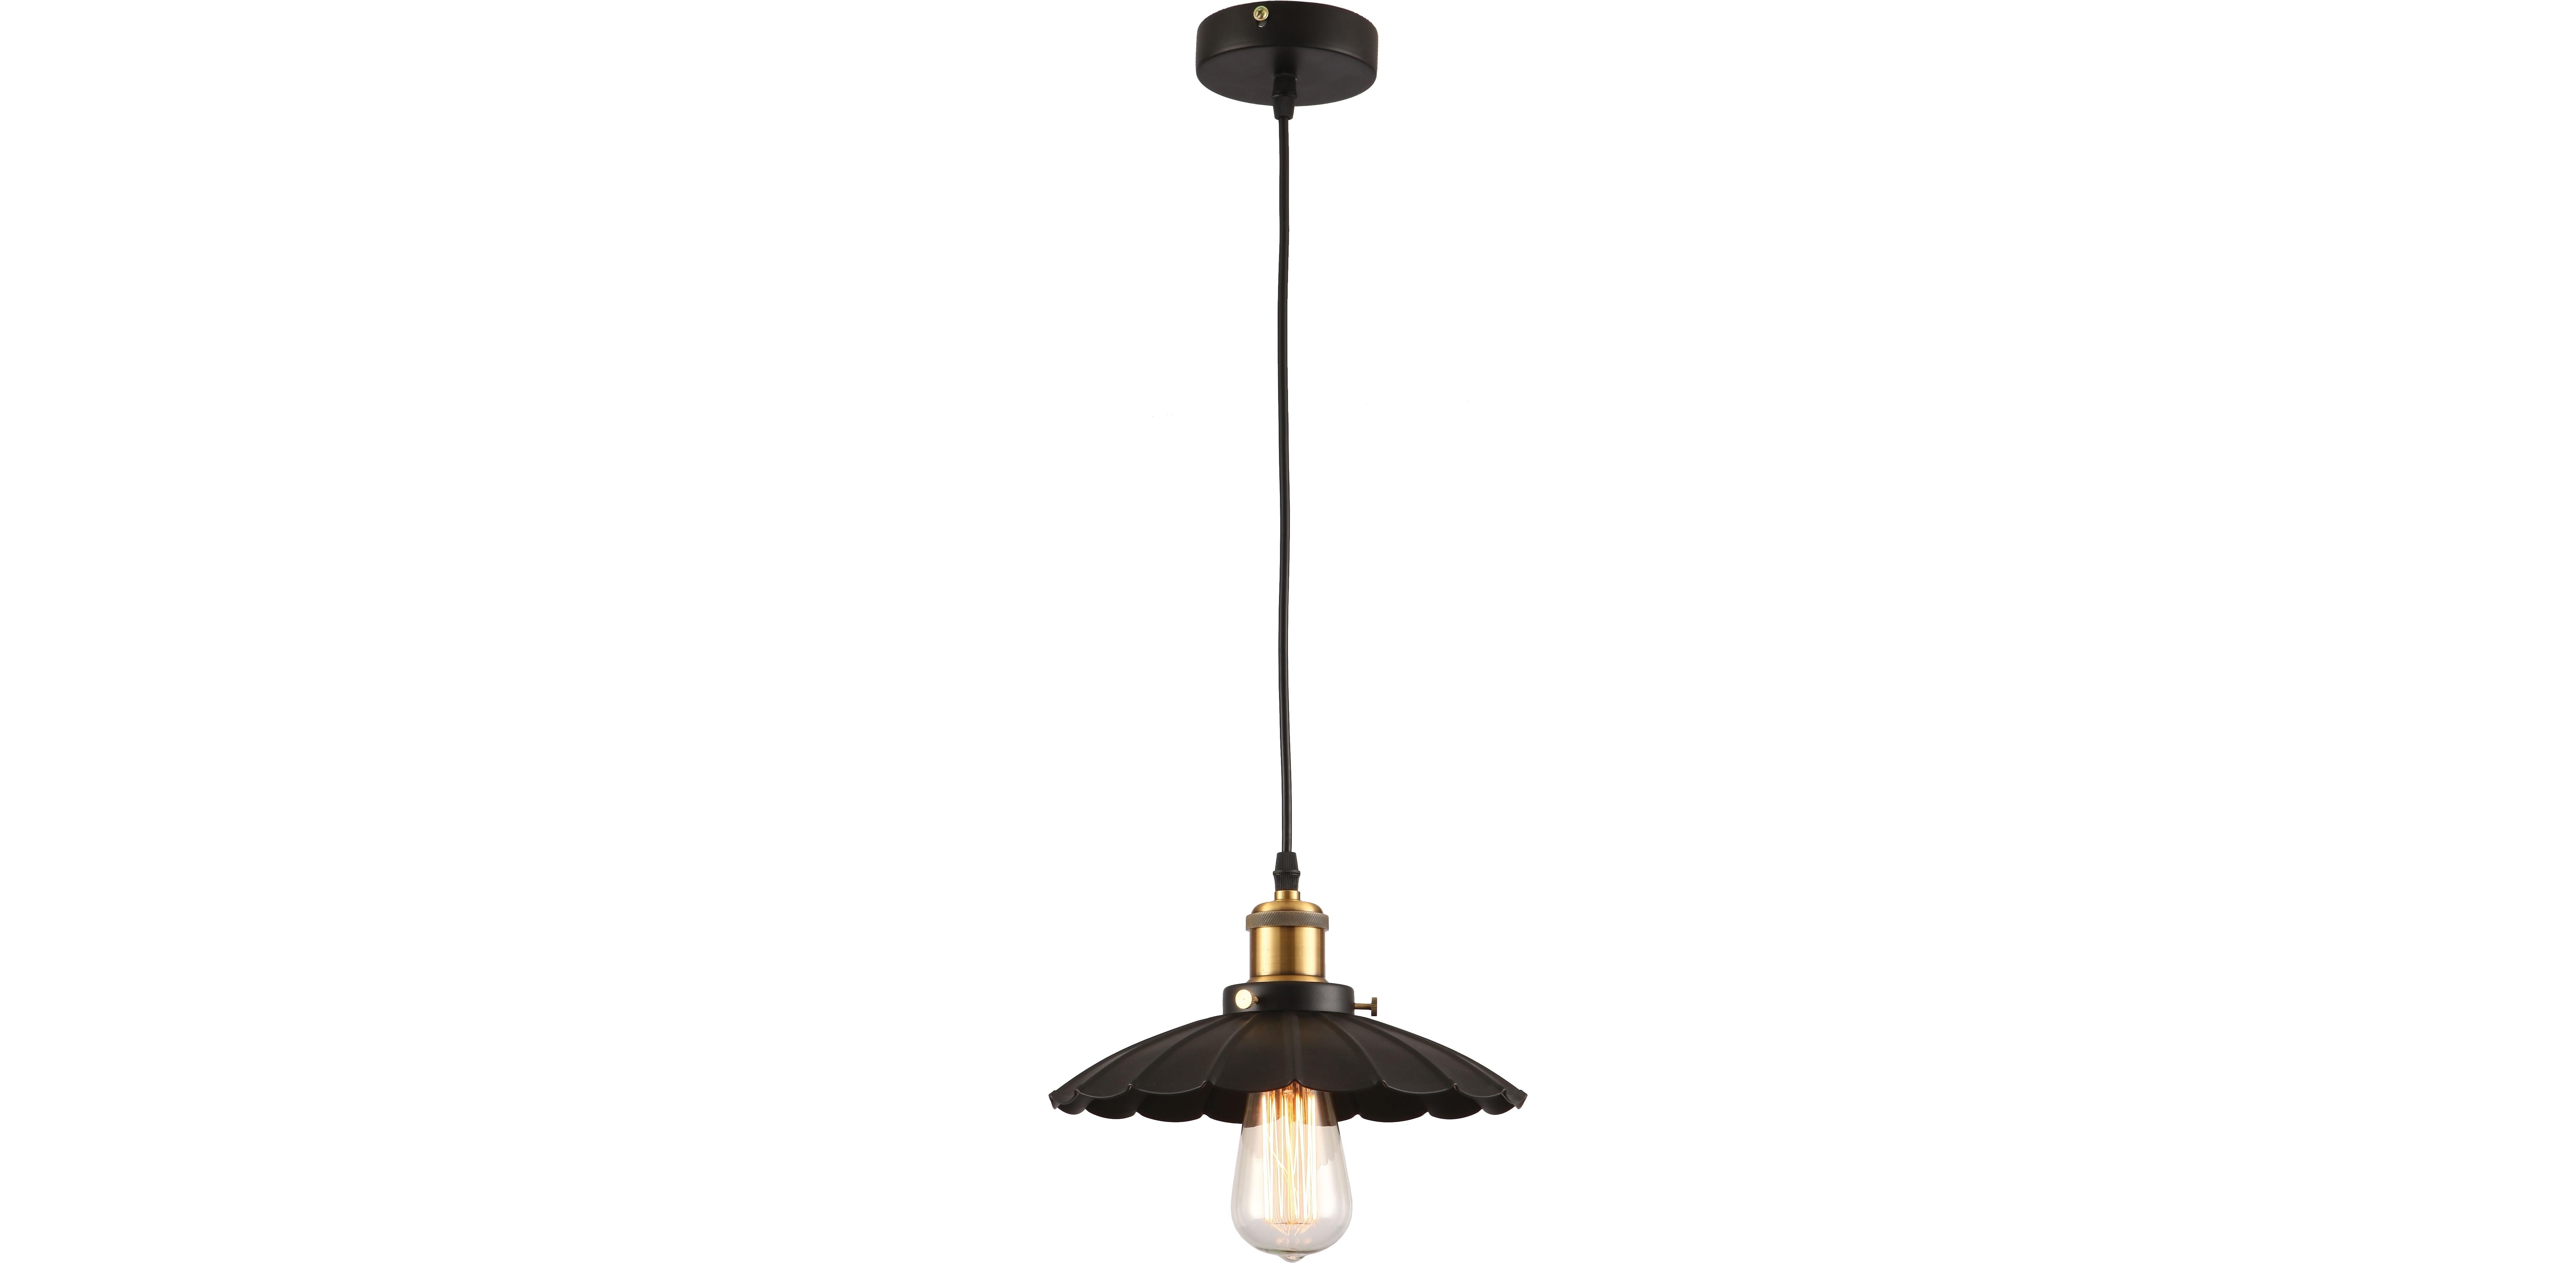 Подвесной светильникПодвесные светильники<br>Материал: металл<br>Лампочки в комплекте: 1*60W<br>Цоколь: E27<br>Цвет: золото, черный<br><br>Material: Металл<br>Высота см: 120